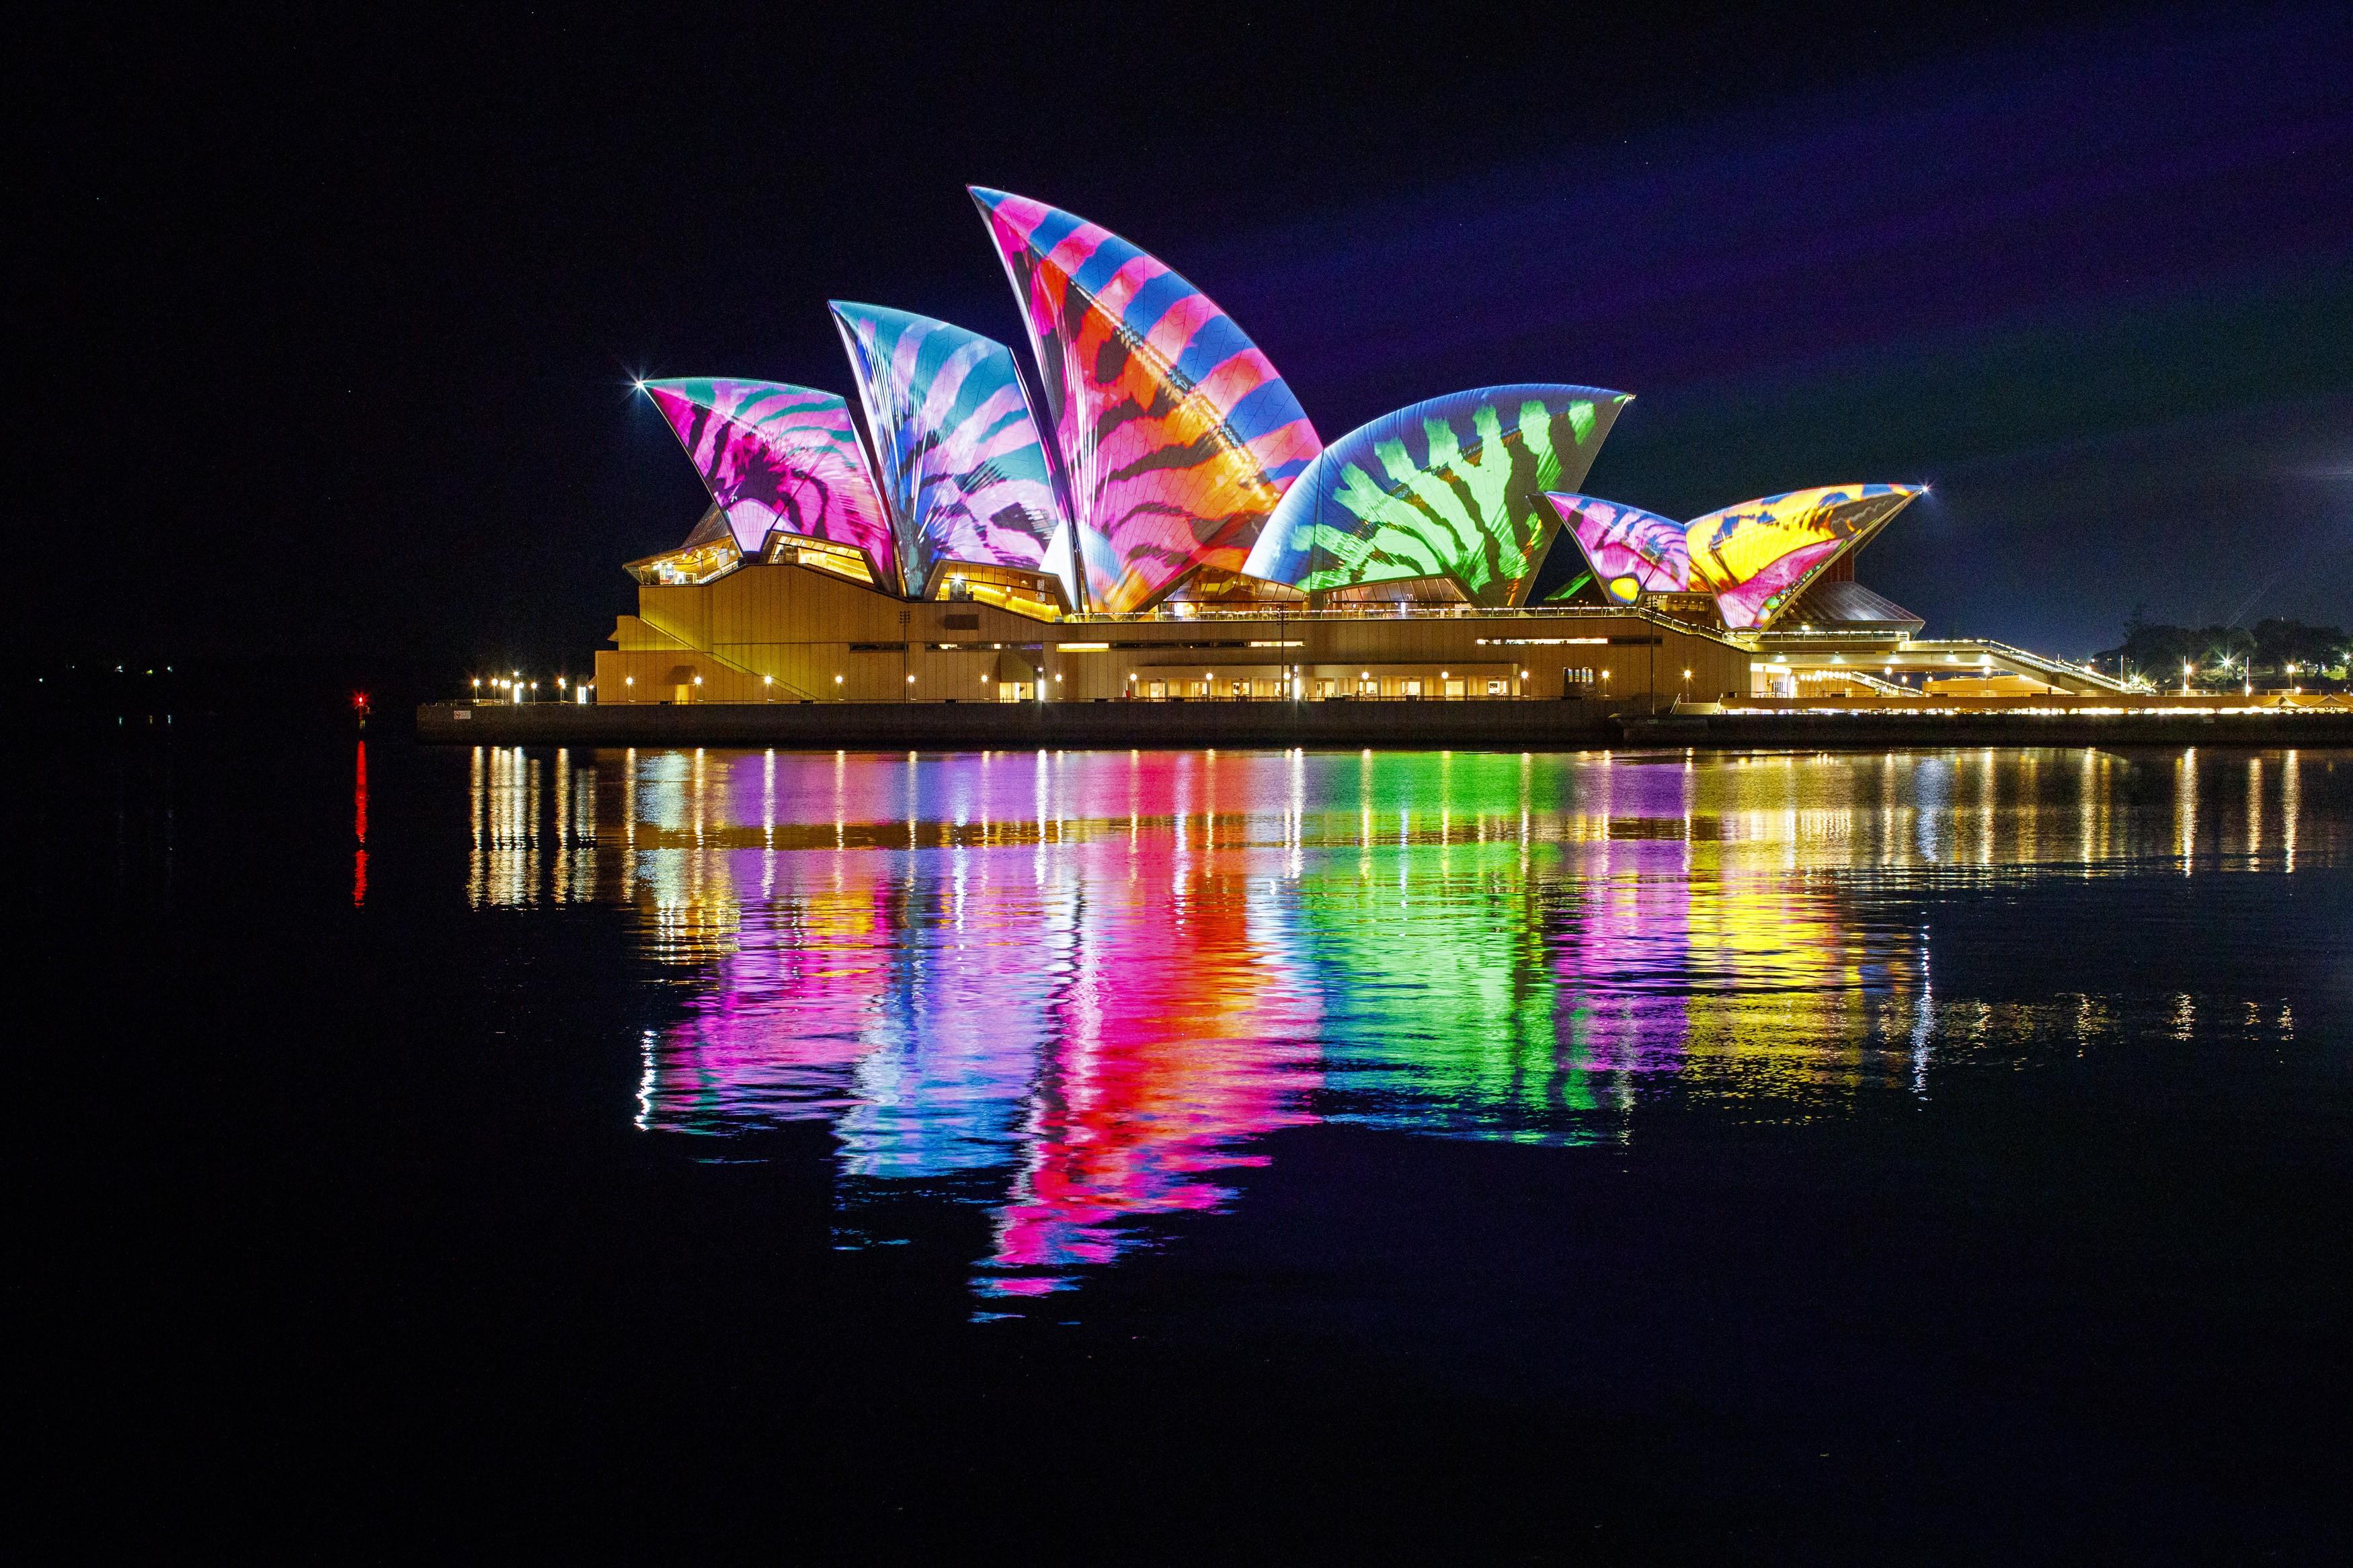 opera house 3500x2333 sydney australia night 4k 16175